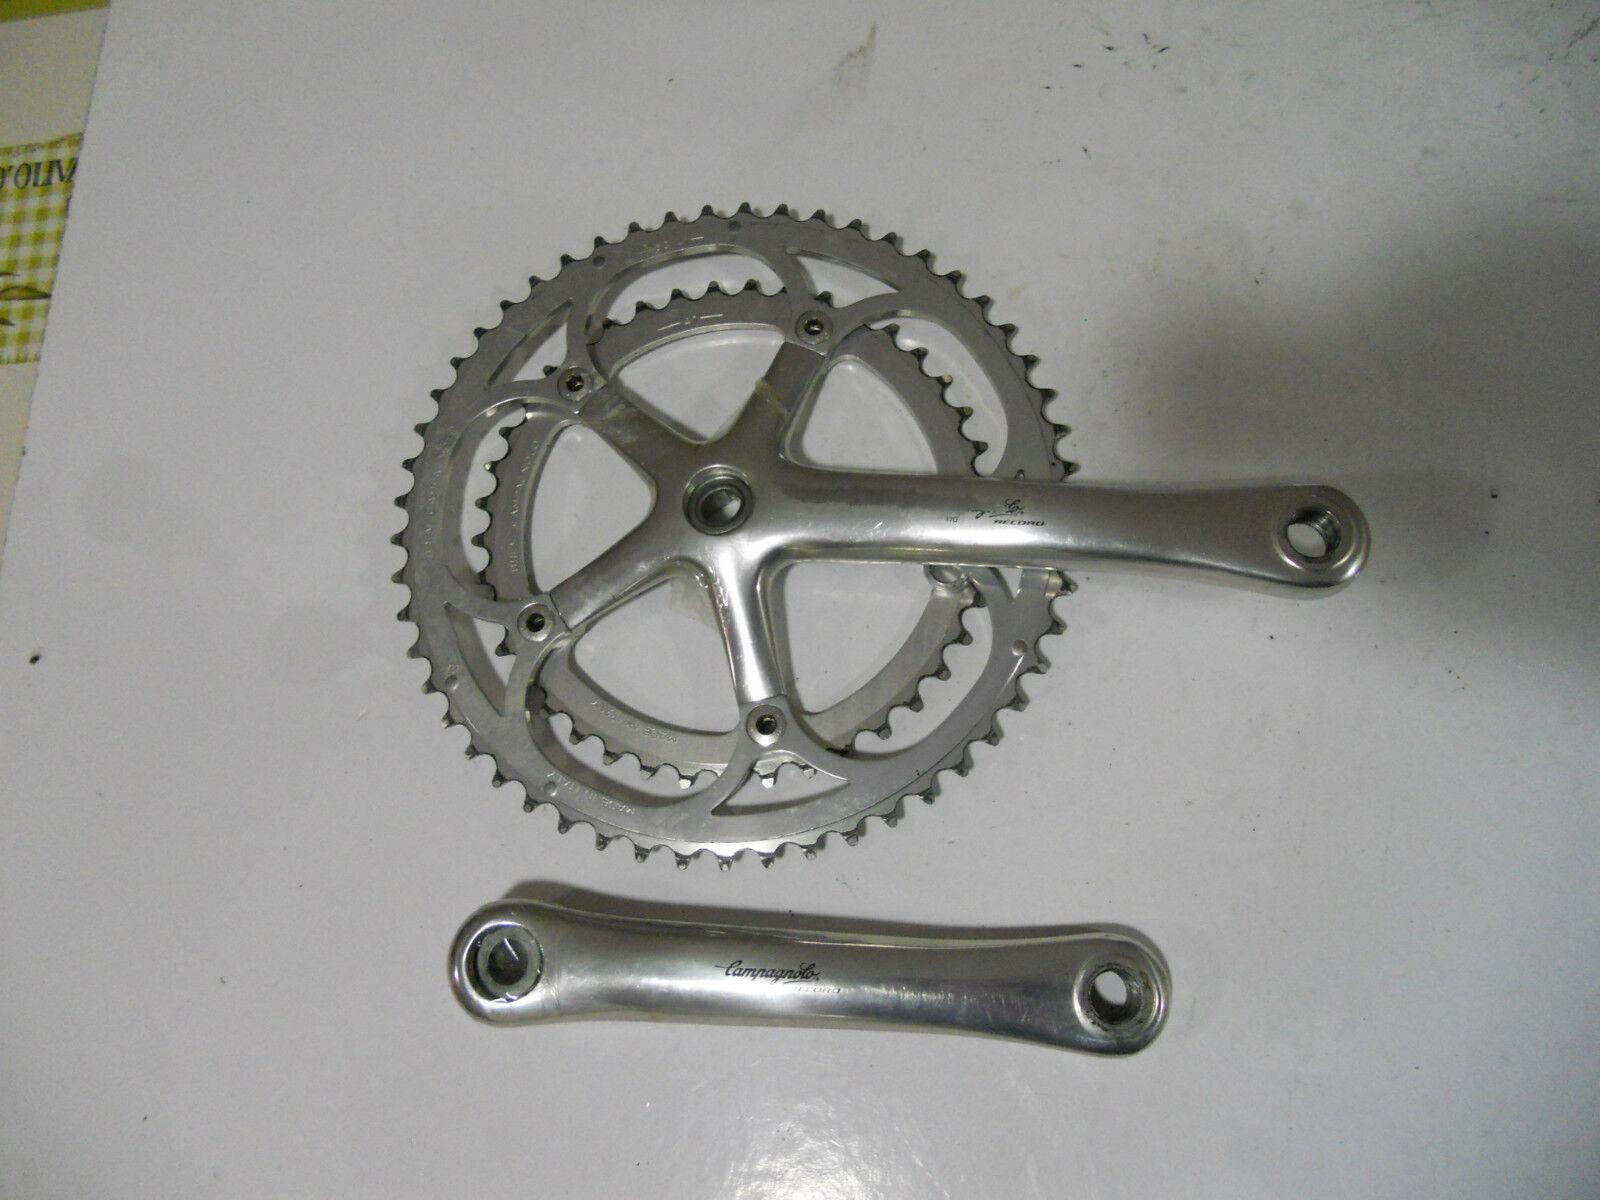 Campagnolo Record Crank 53 41 Chainring 170 mm Crank Road Bike